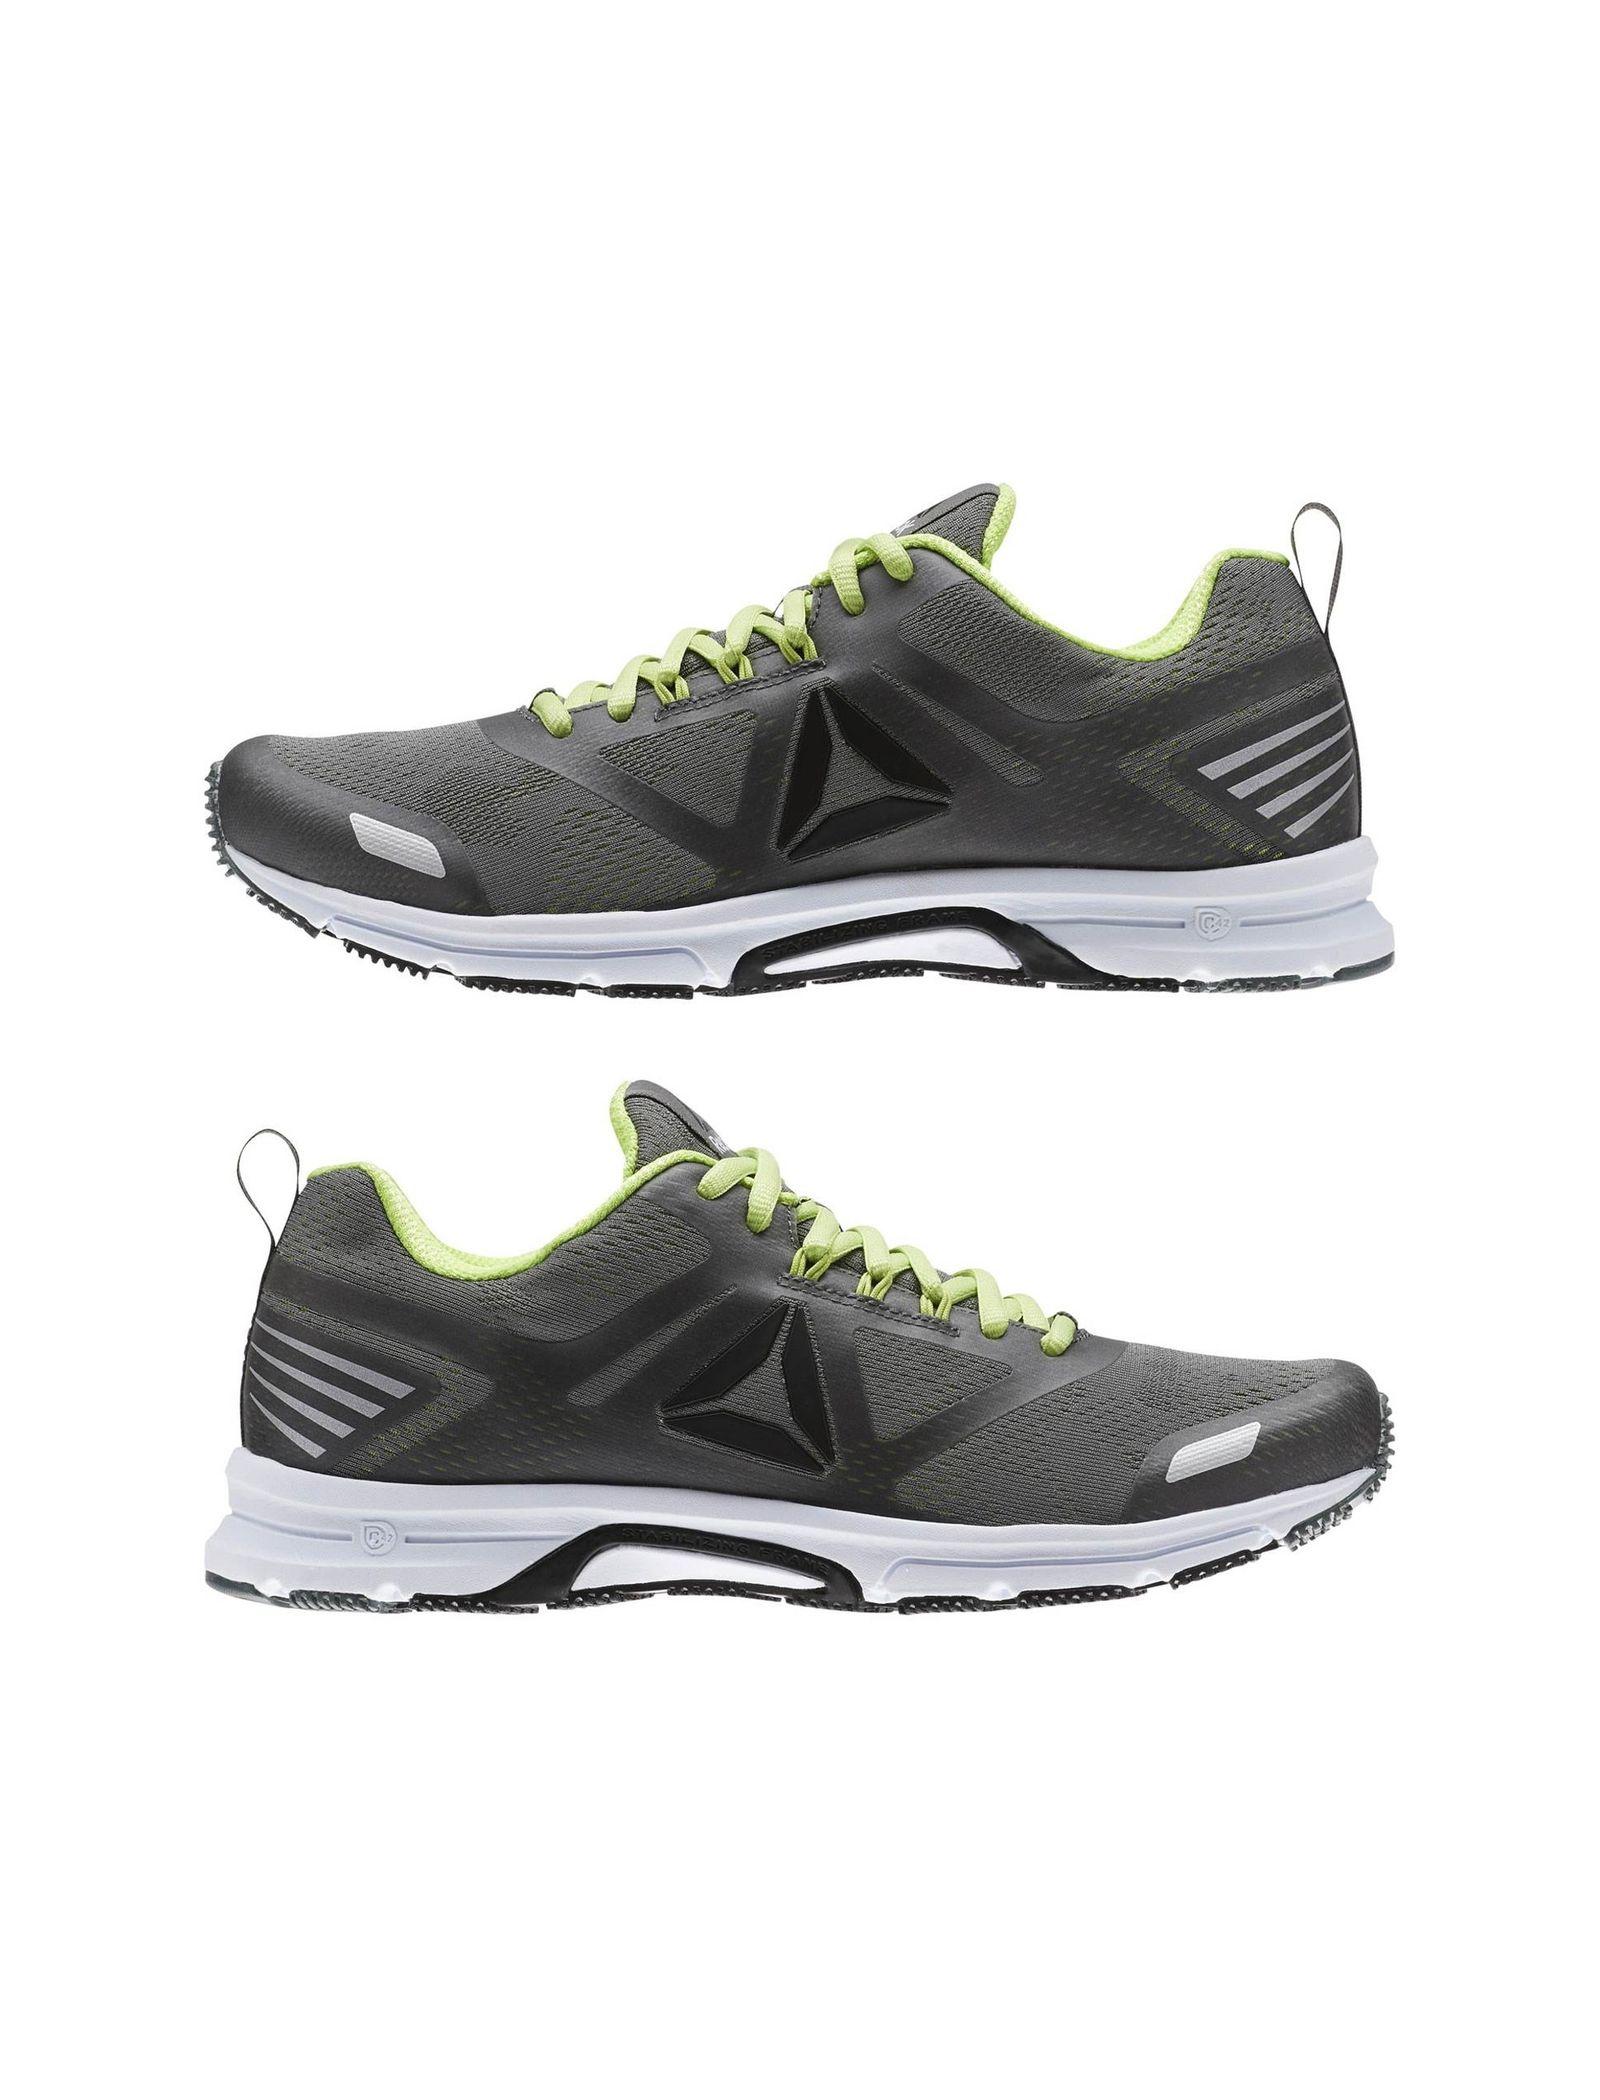 کفش مخصوص دویدن مردانه ریباک مدل Reebok Runner - طوسي - 4